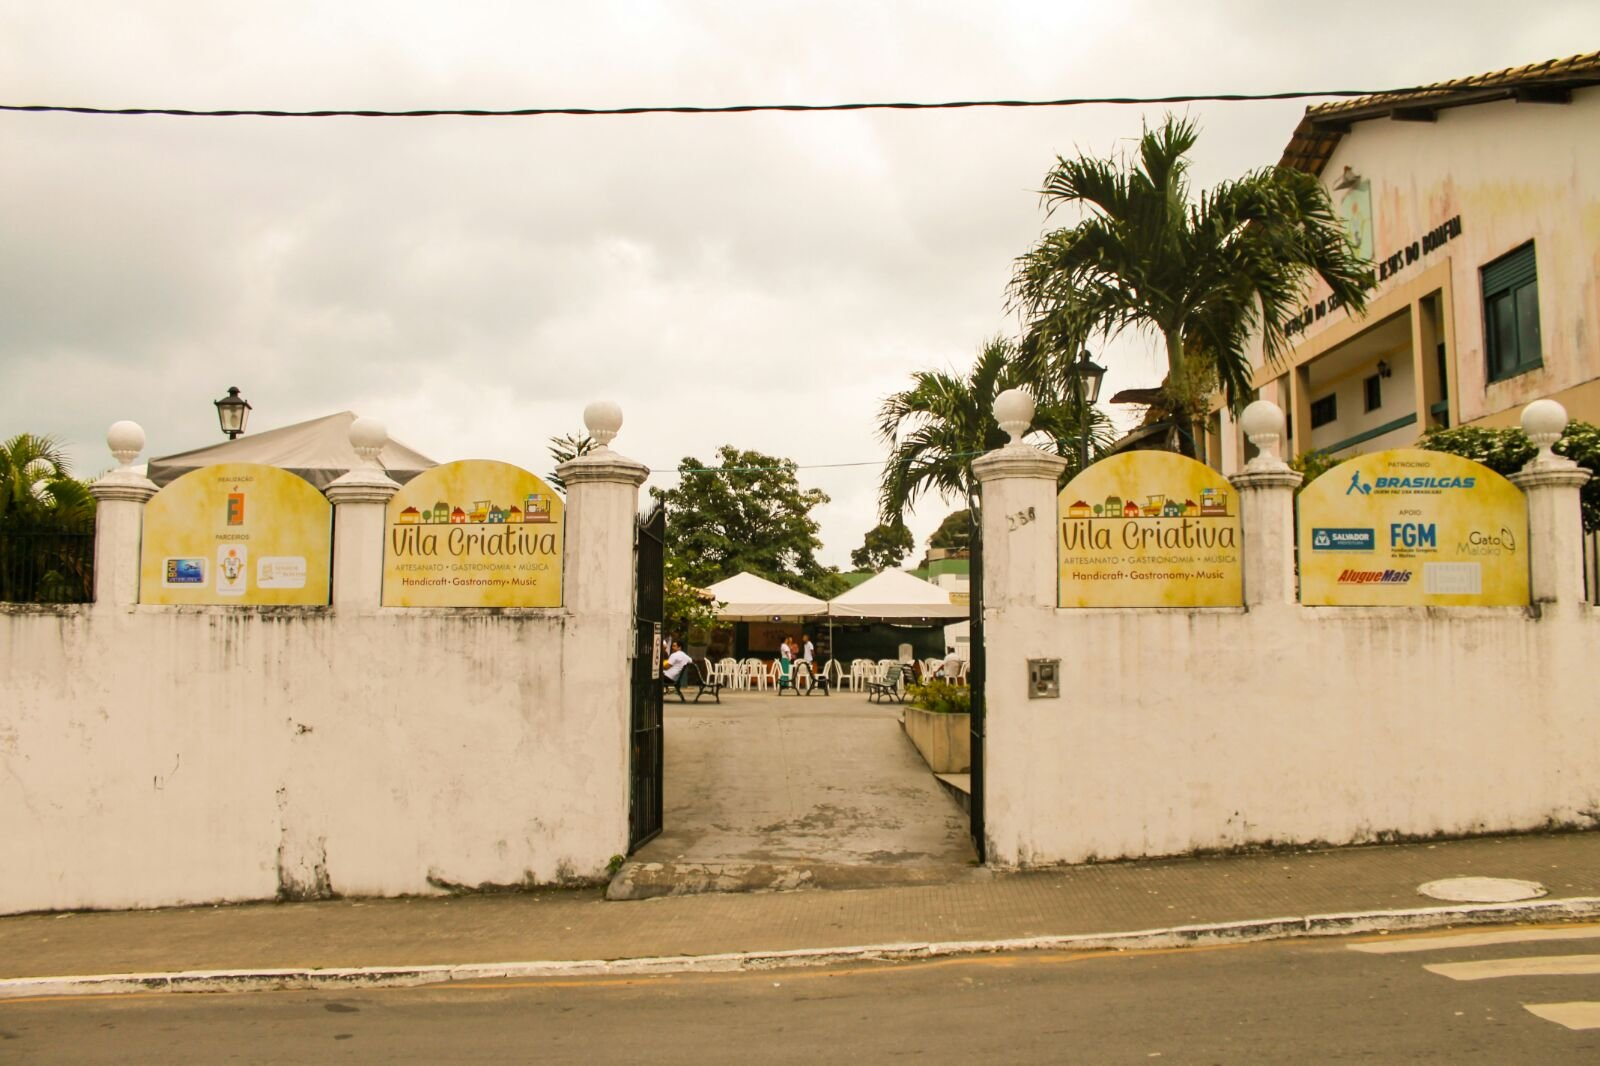 Vila Criativa re�ne artesanato, gastronomia e m�sica no Centro Comunit�rio do Bonfim